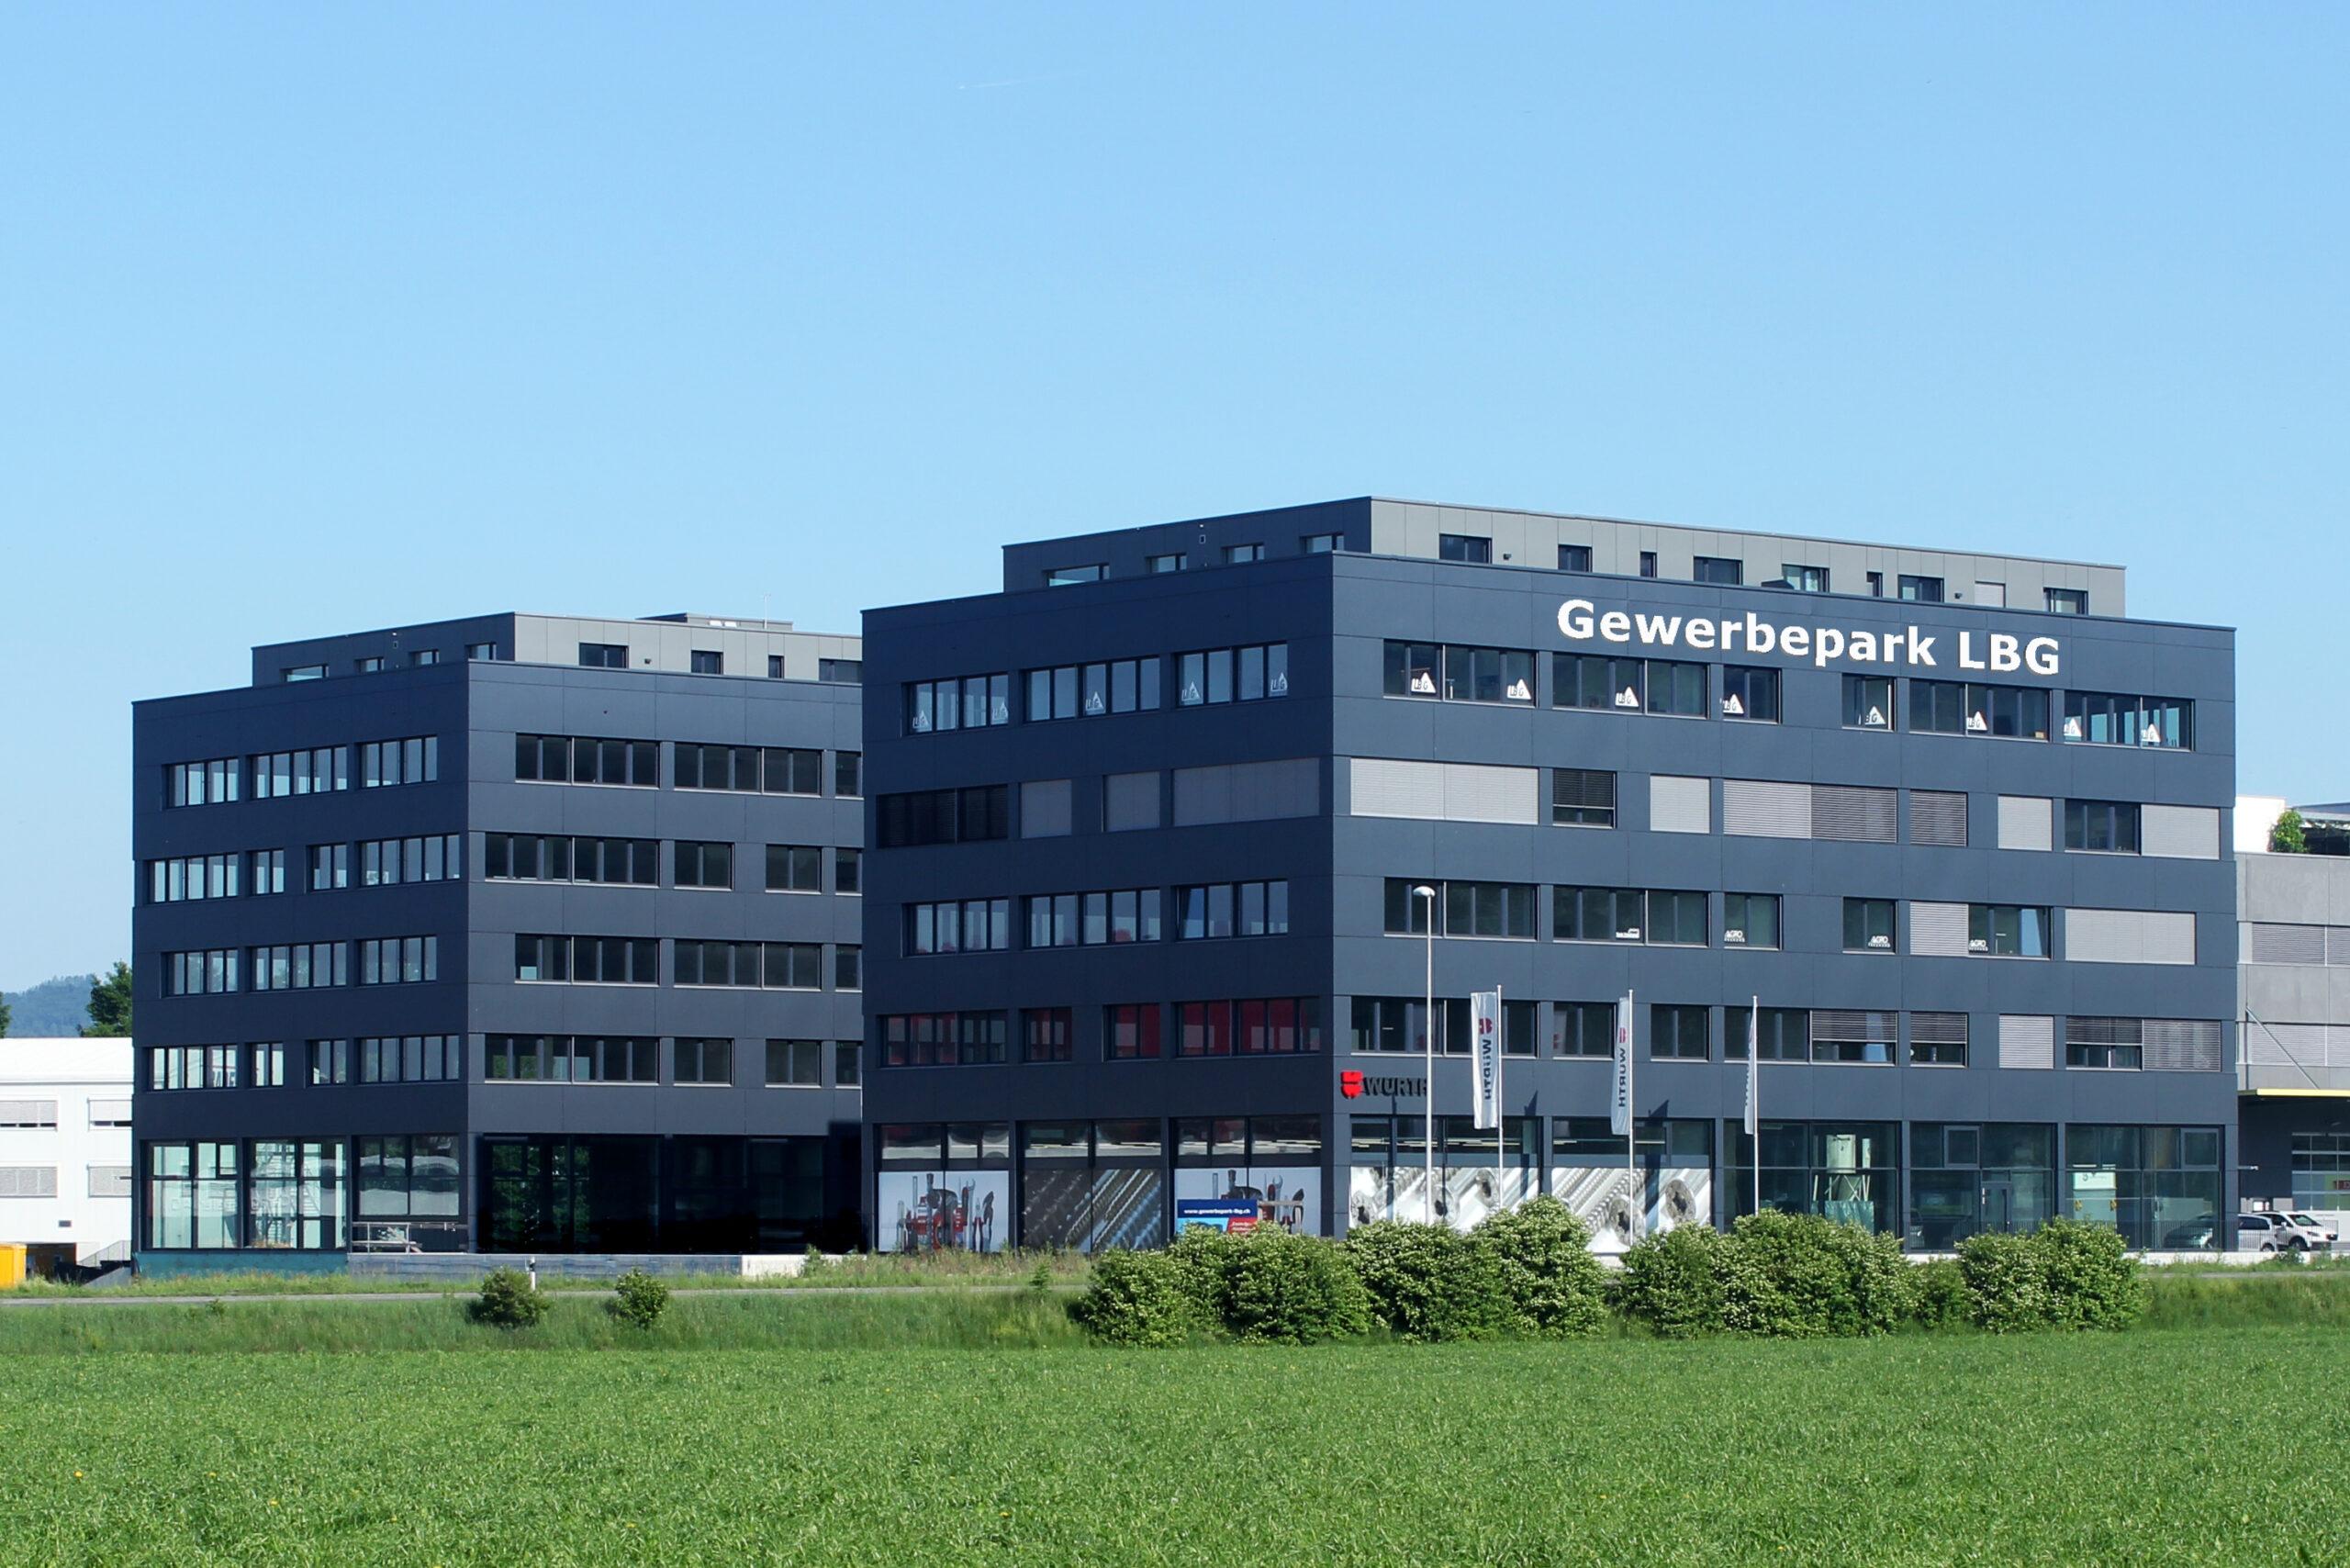 Der Gewerbepark LBG in Schenkon beherbergt verschiedenstes Gewerbe in Miete